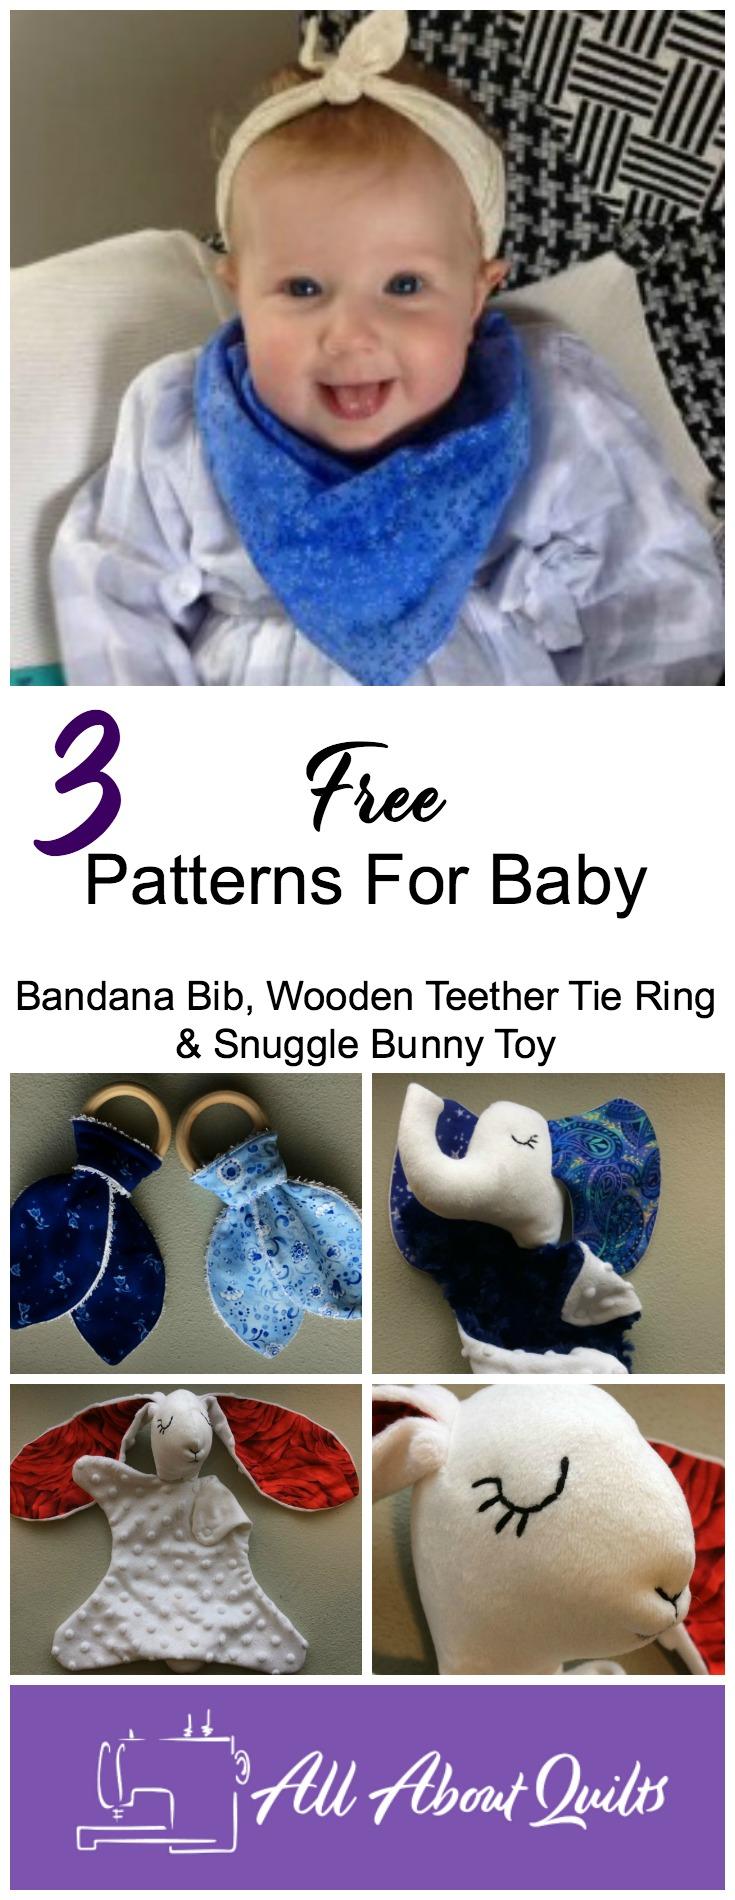 3 Free baby patterns